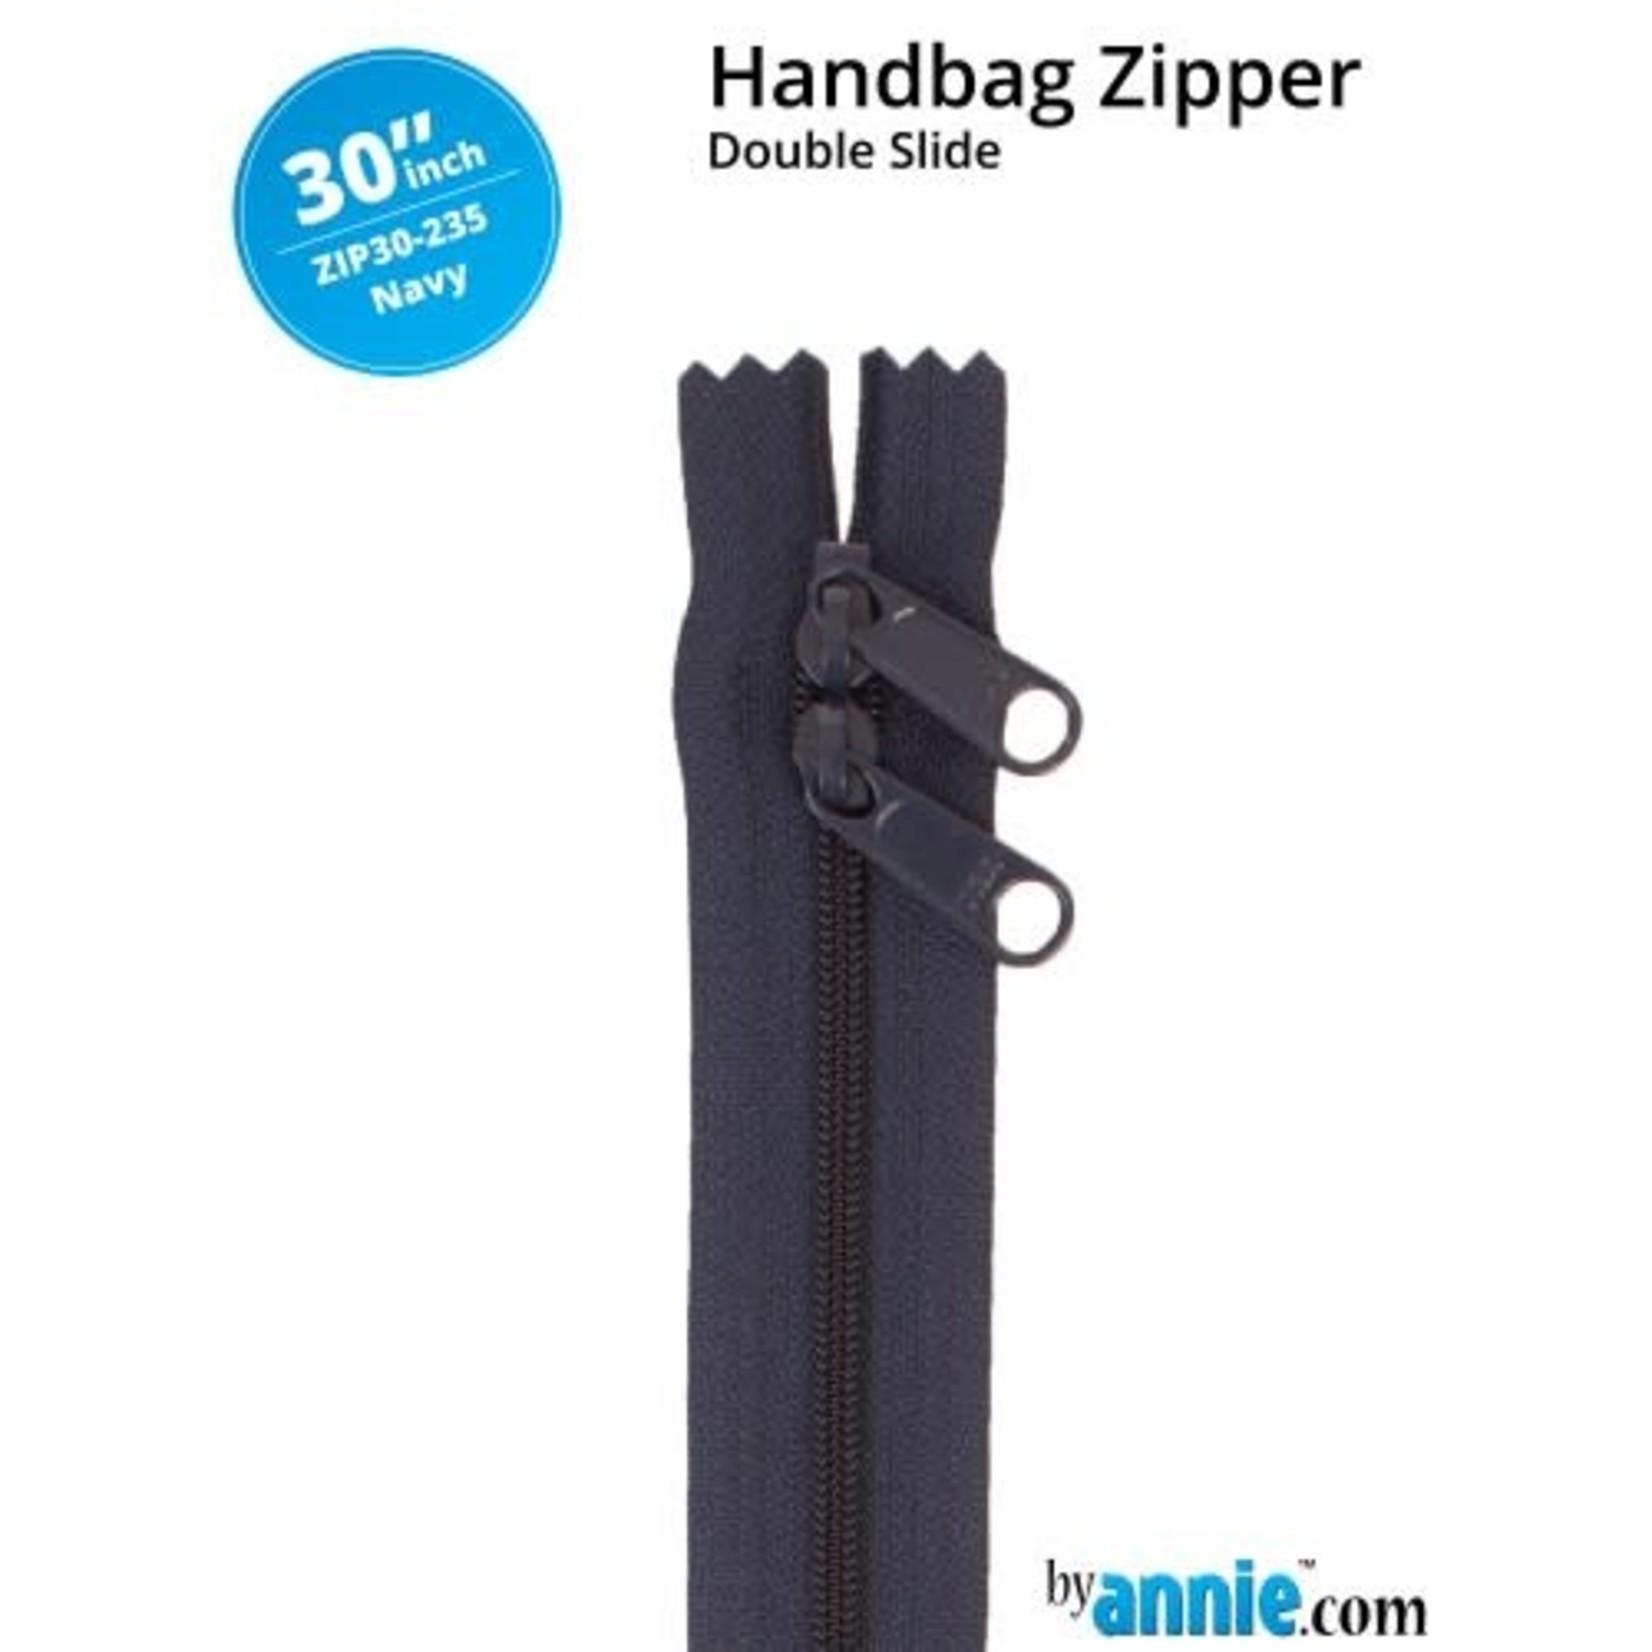 """By Annie Double Slide Handbag Zipper 30"""" Neutrals 235 Navy"""